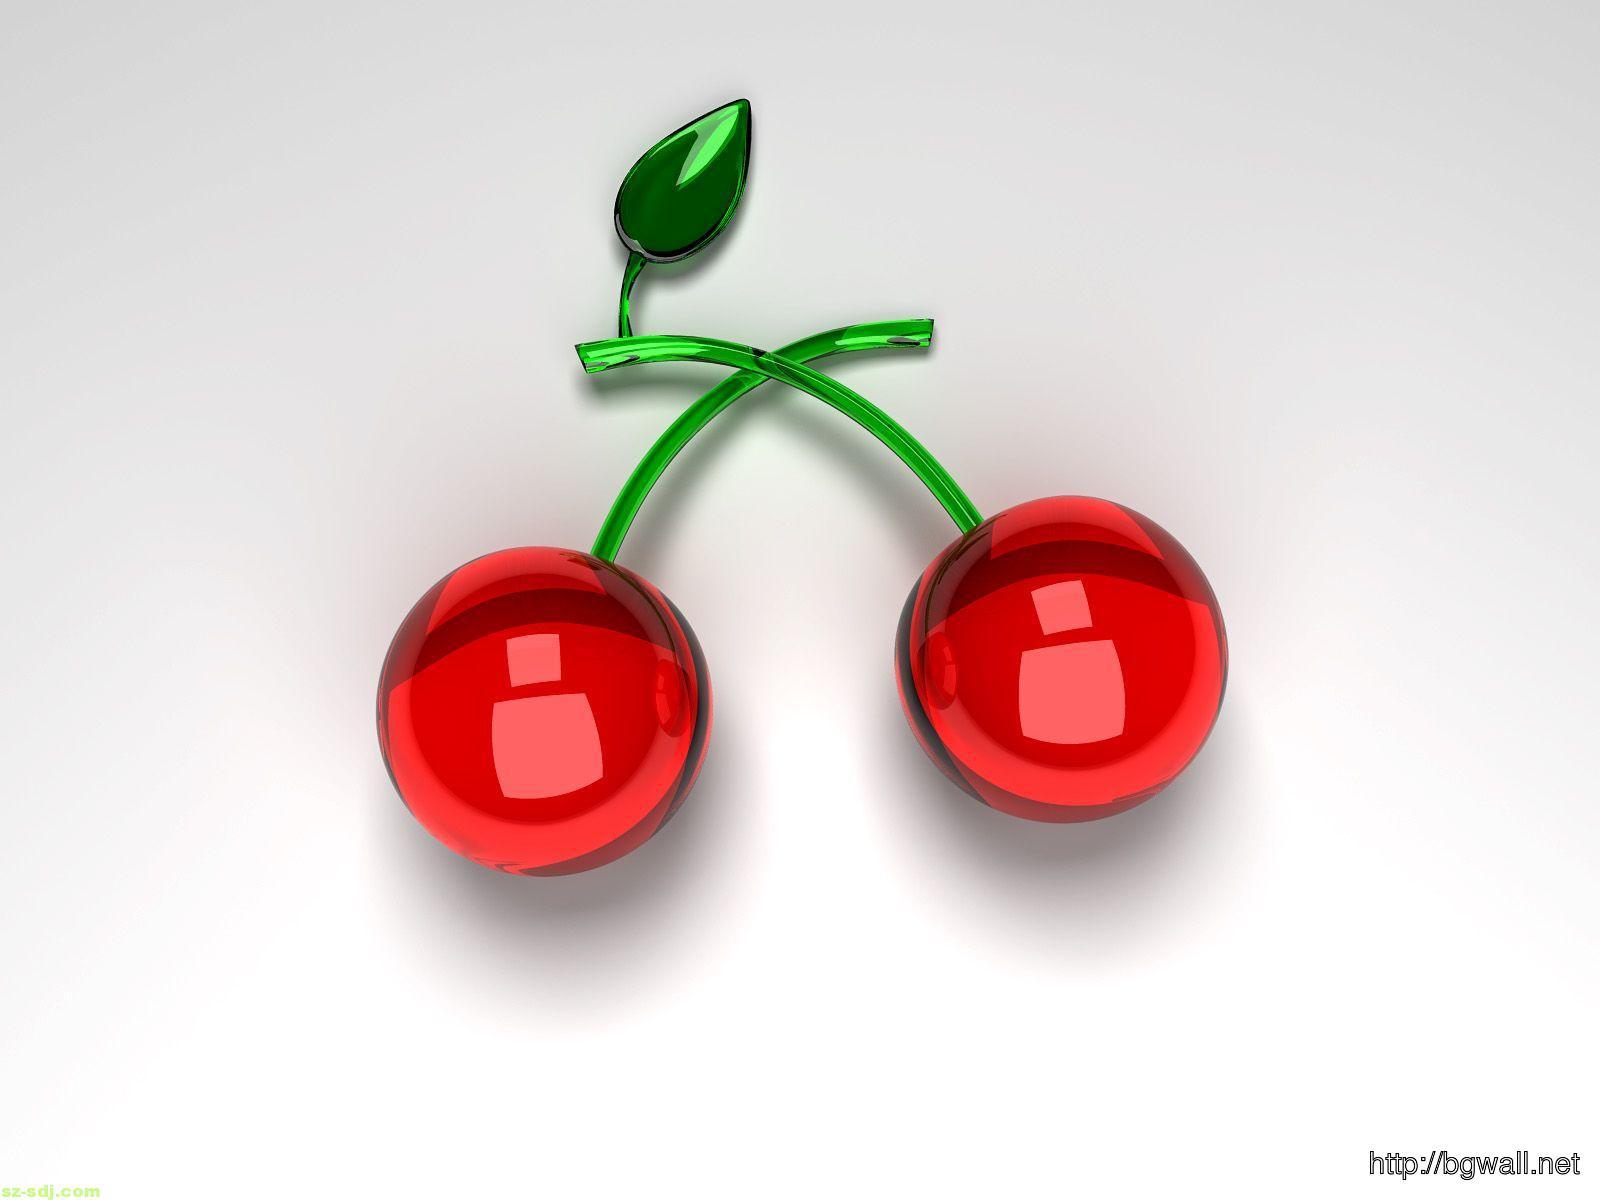 3d-cherry-wallpaper-hd